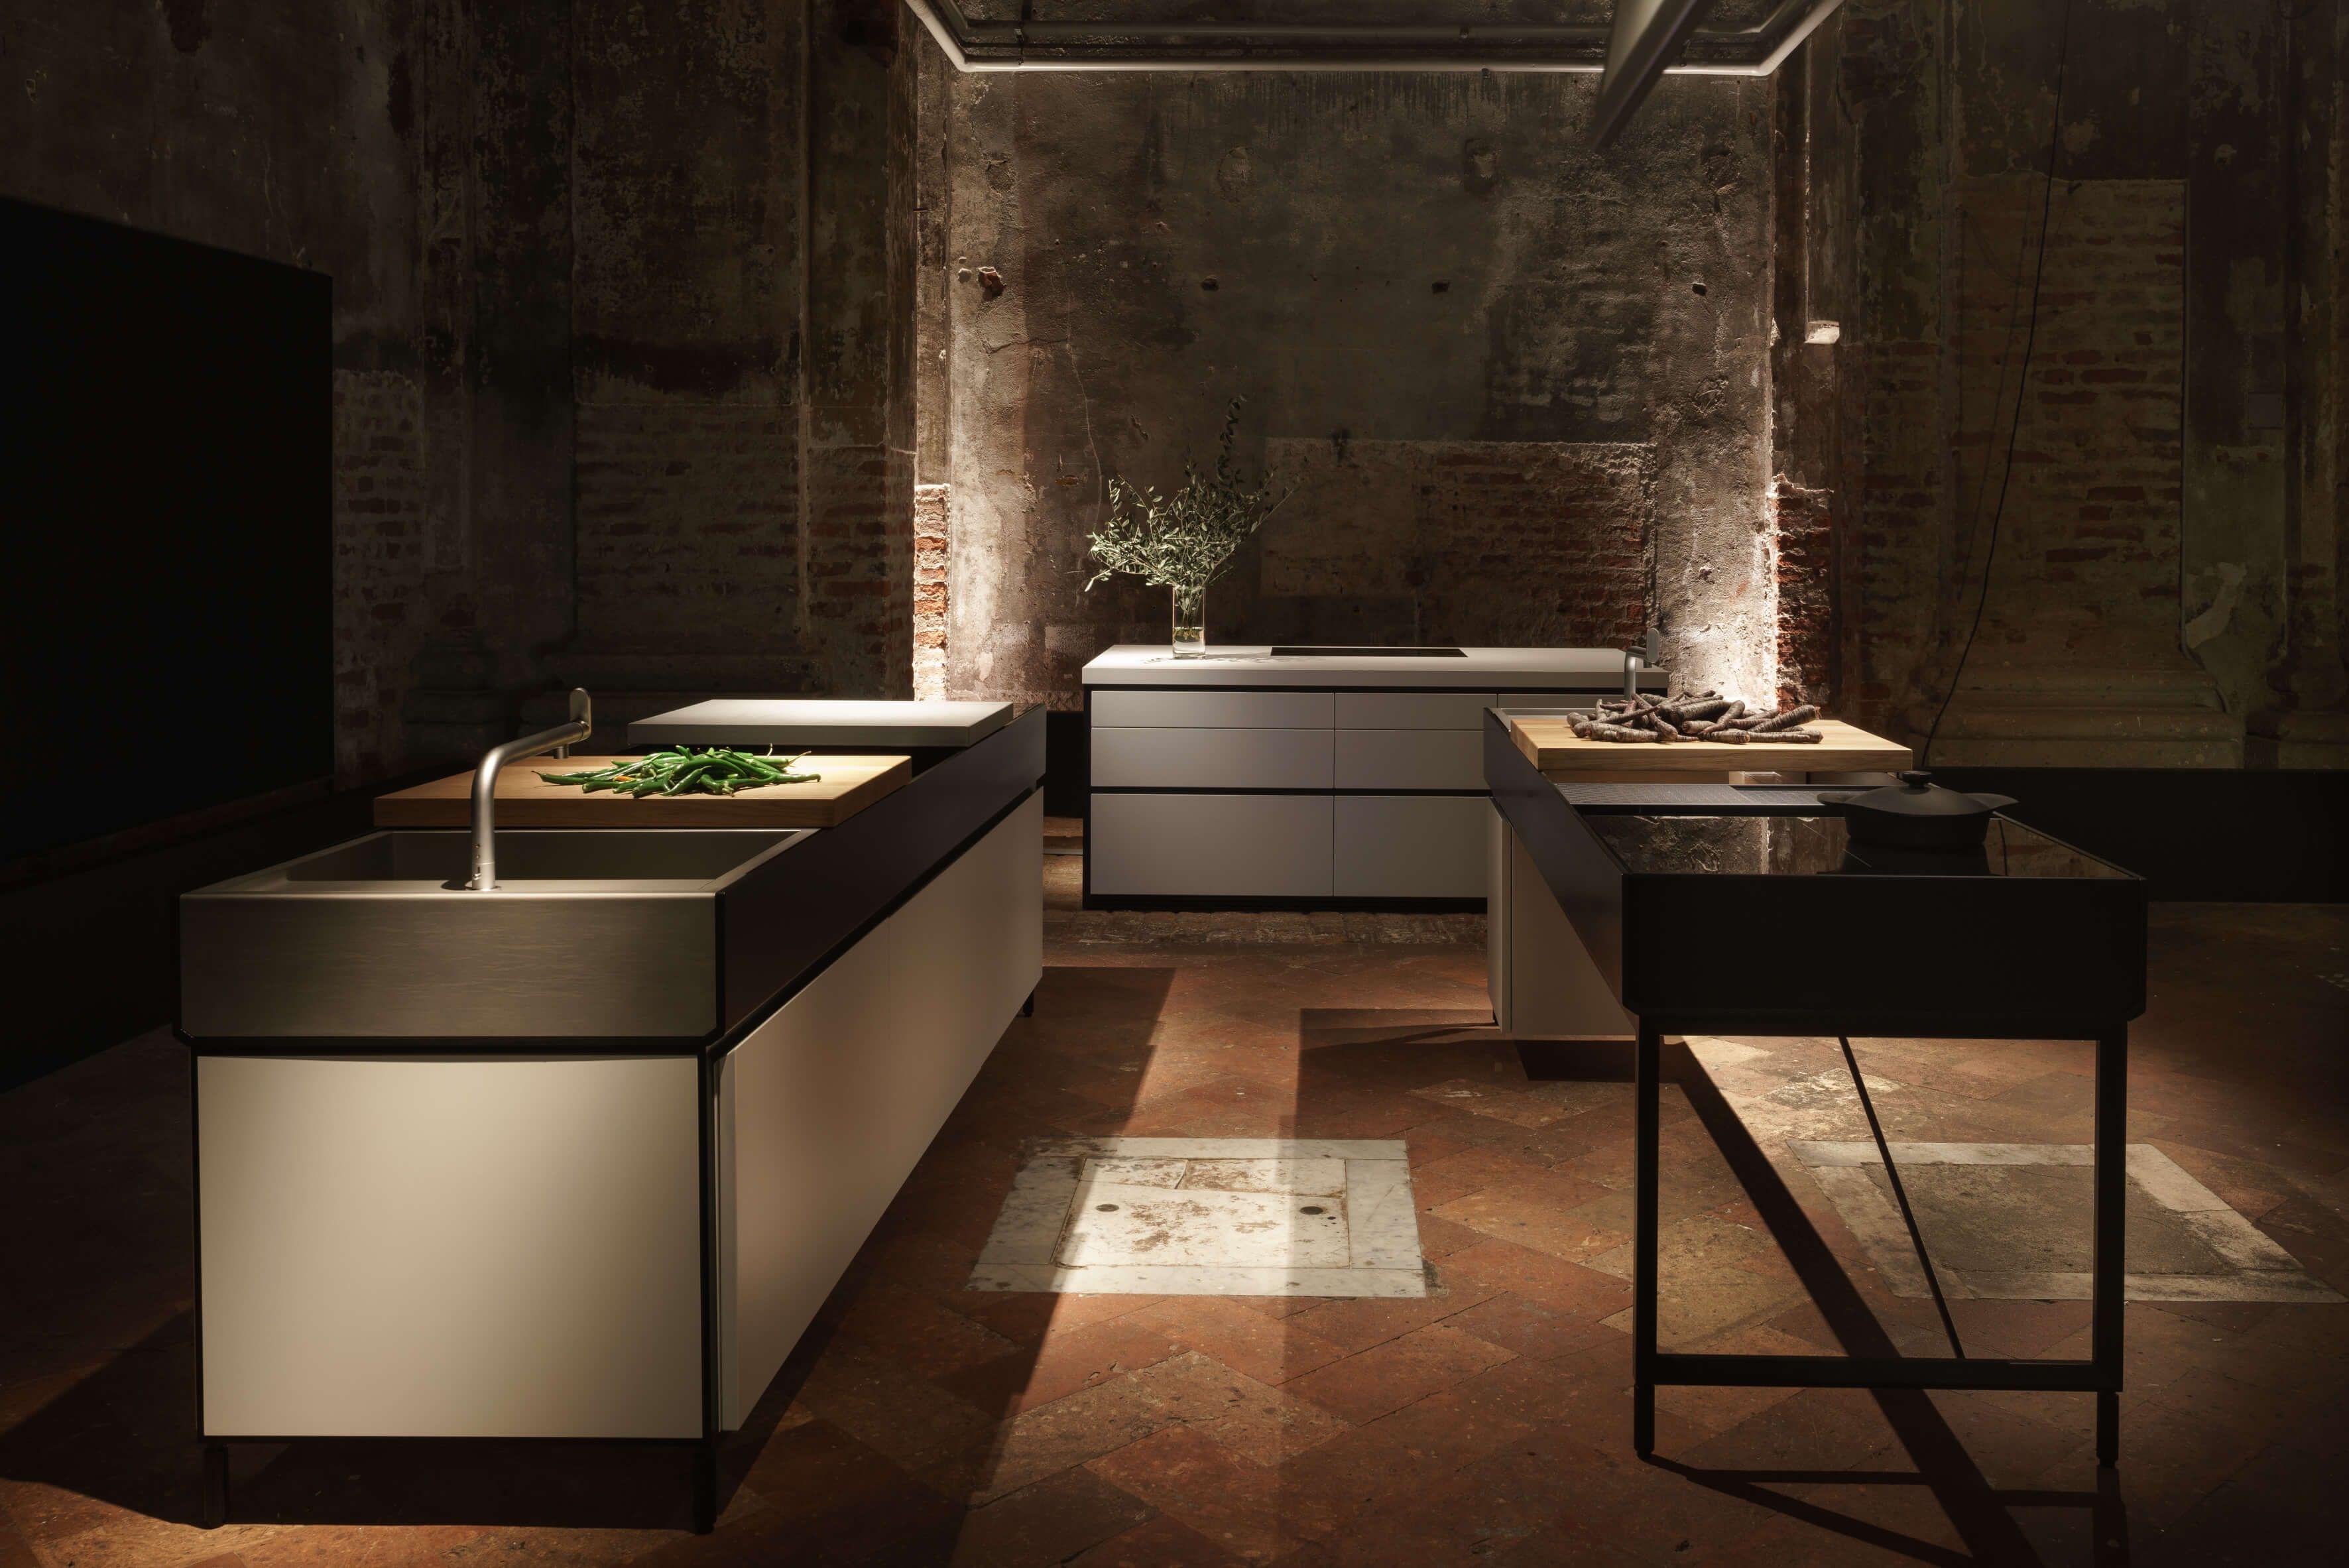 Afbeeldingsresultaat voor bulthaup werktafel keuken